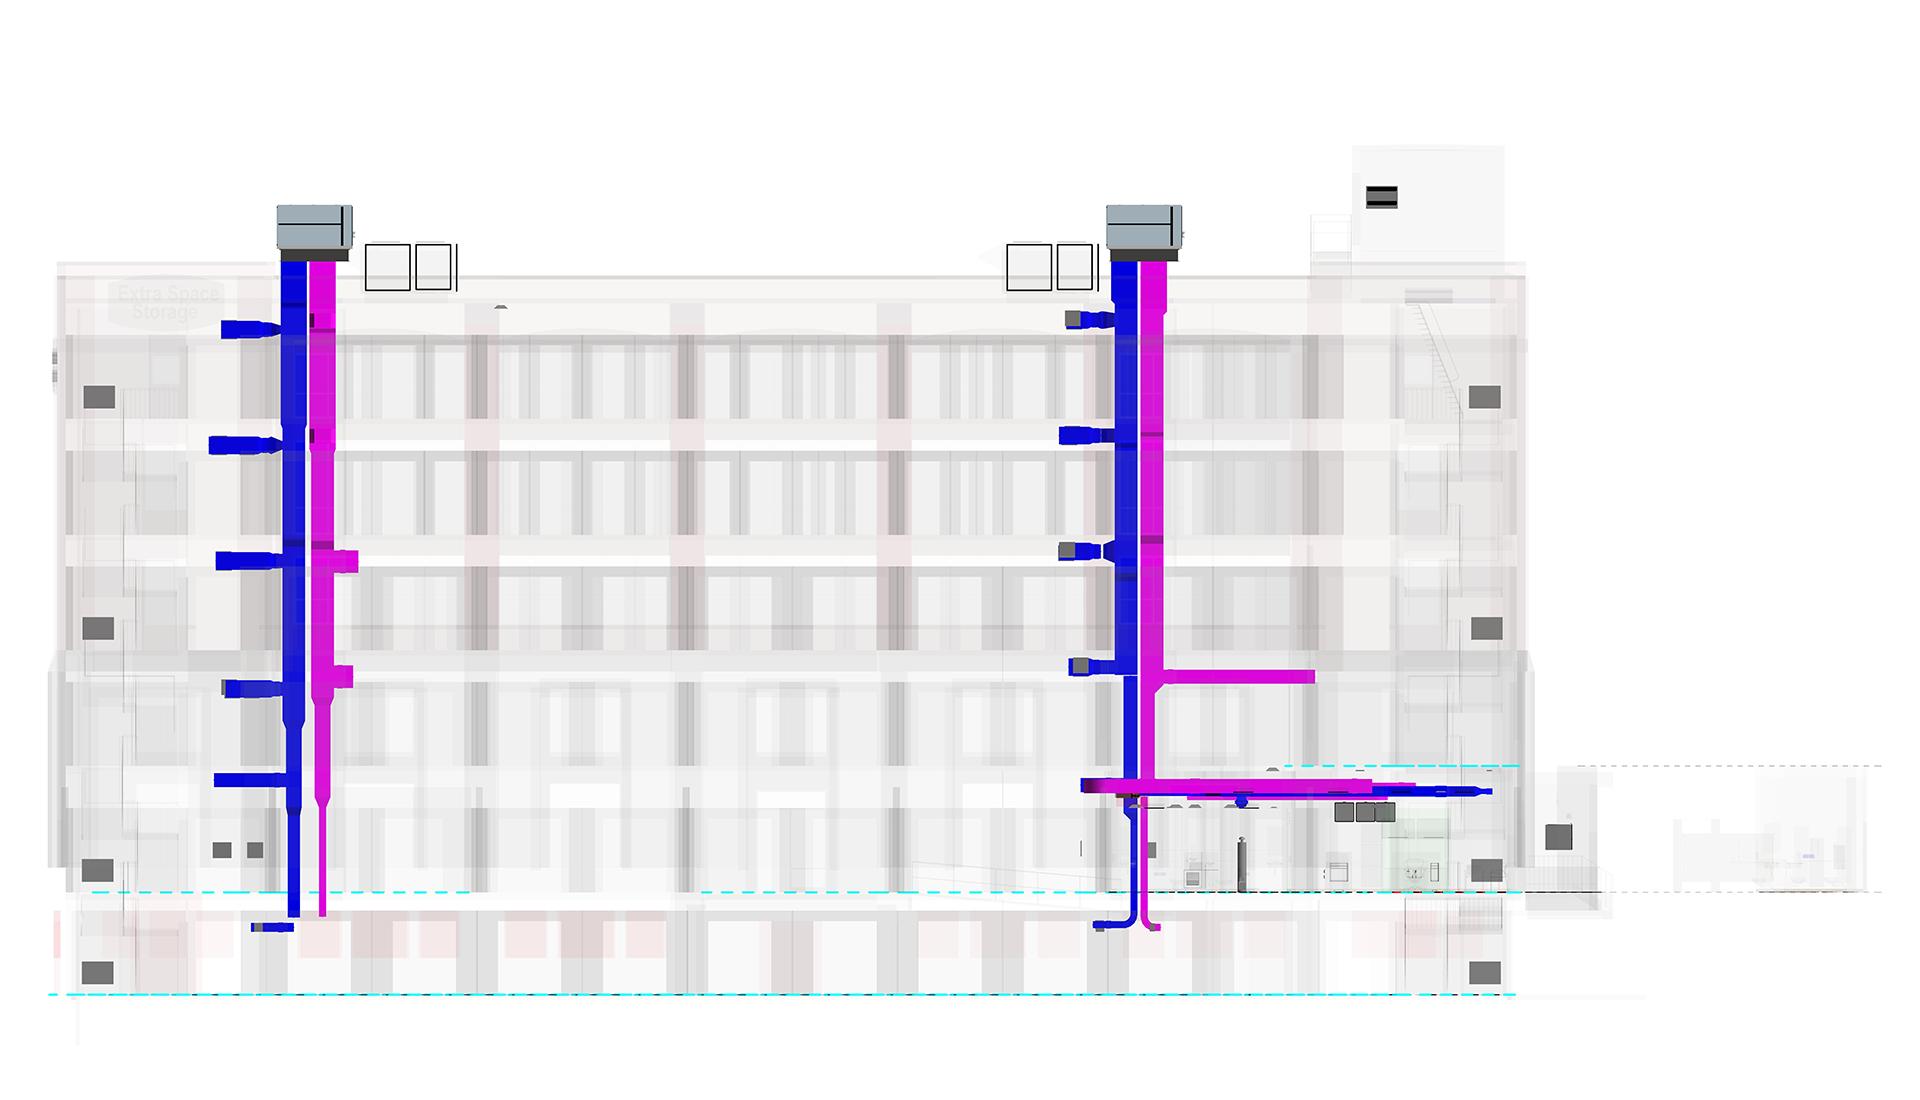 3D-HVAC-BIM-Model-Commercial-Revit-Modeling--by-United-BIM